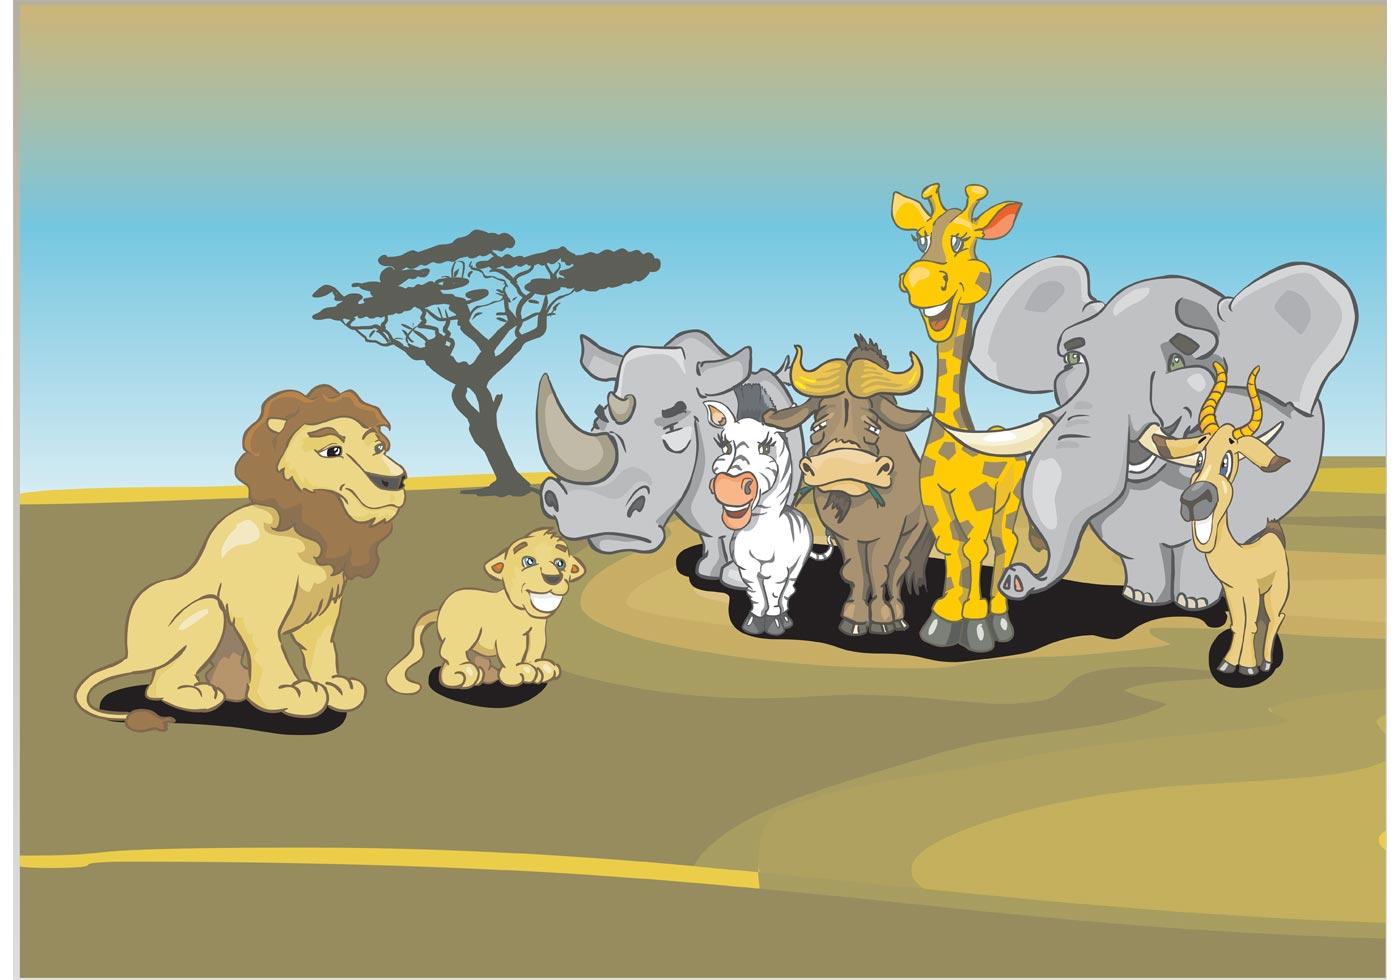 African Animals Cartoon Download Free Vector Art Stock